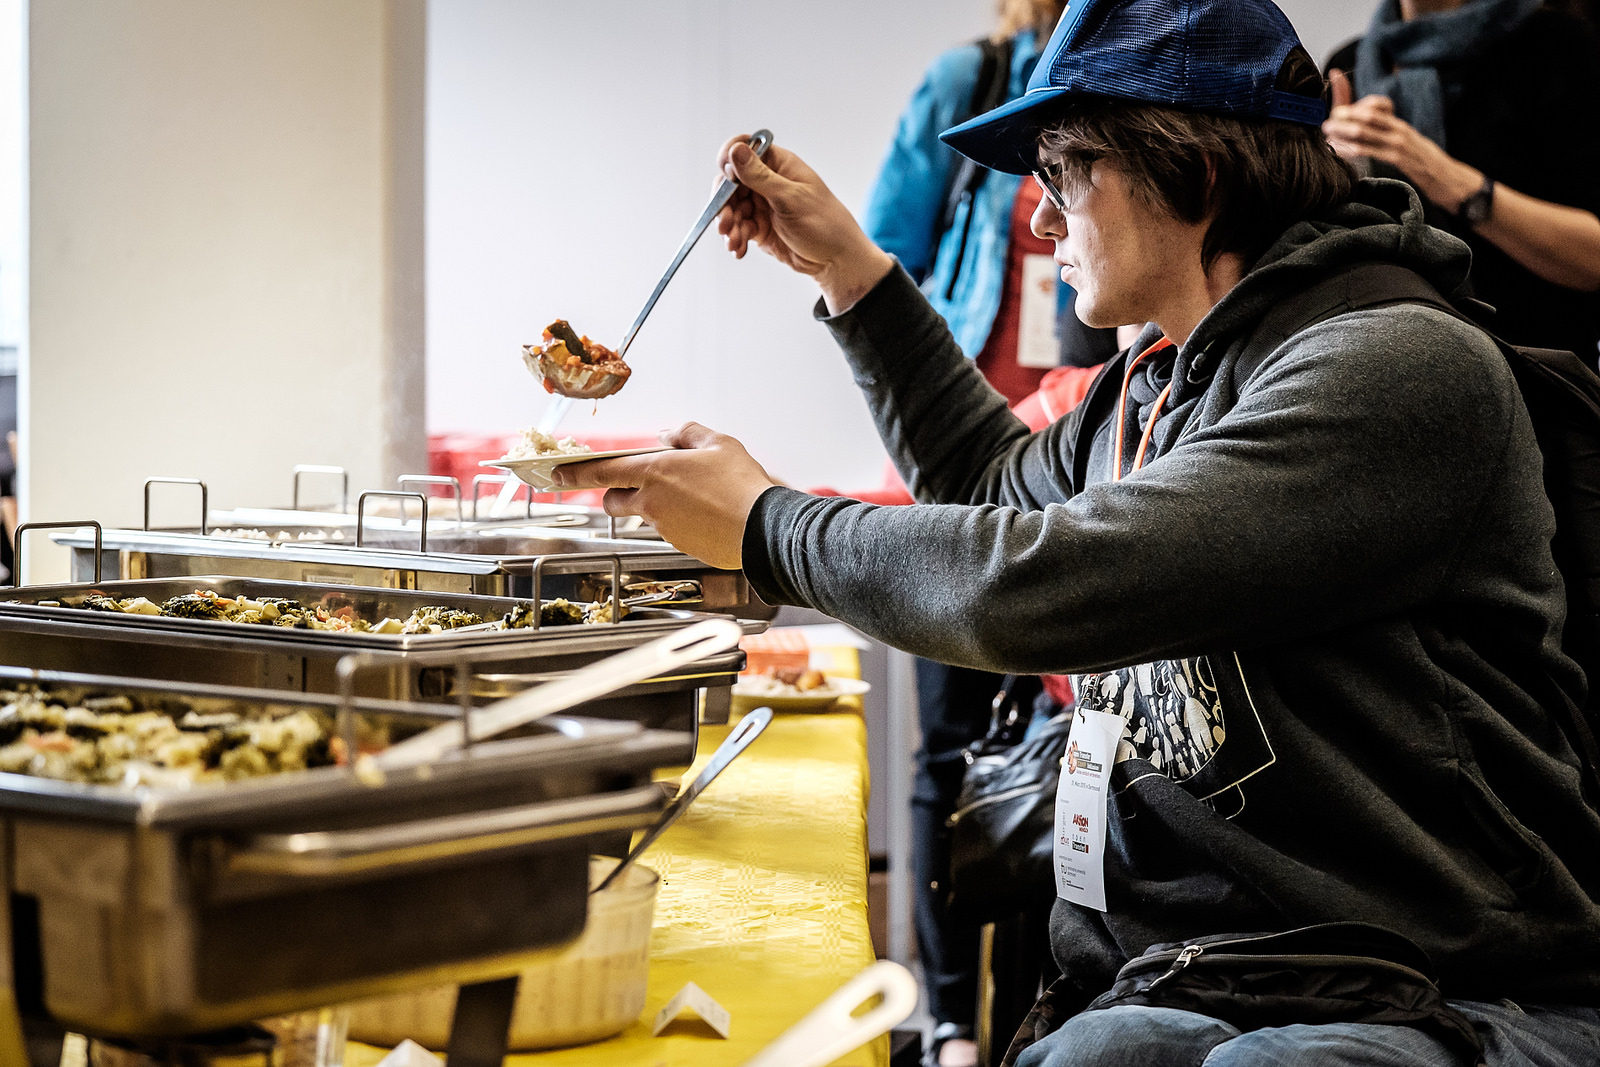 Ein Rollstuhlfahrer nimmt sich selbst das Essen aus den Töpfen des Caterings. Der Tisch ist so tief angebracht, dass er mit dem Löffel im Sitzen gut das Essen schöffeln kann.